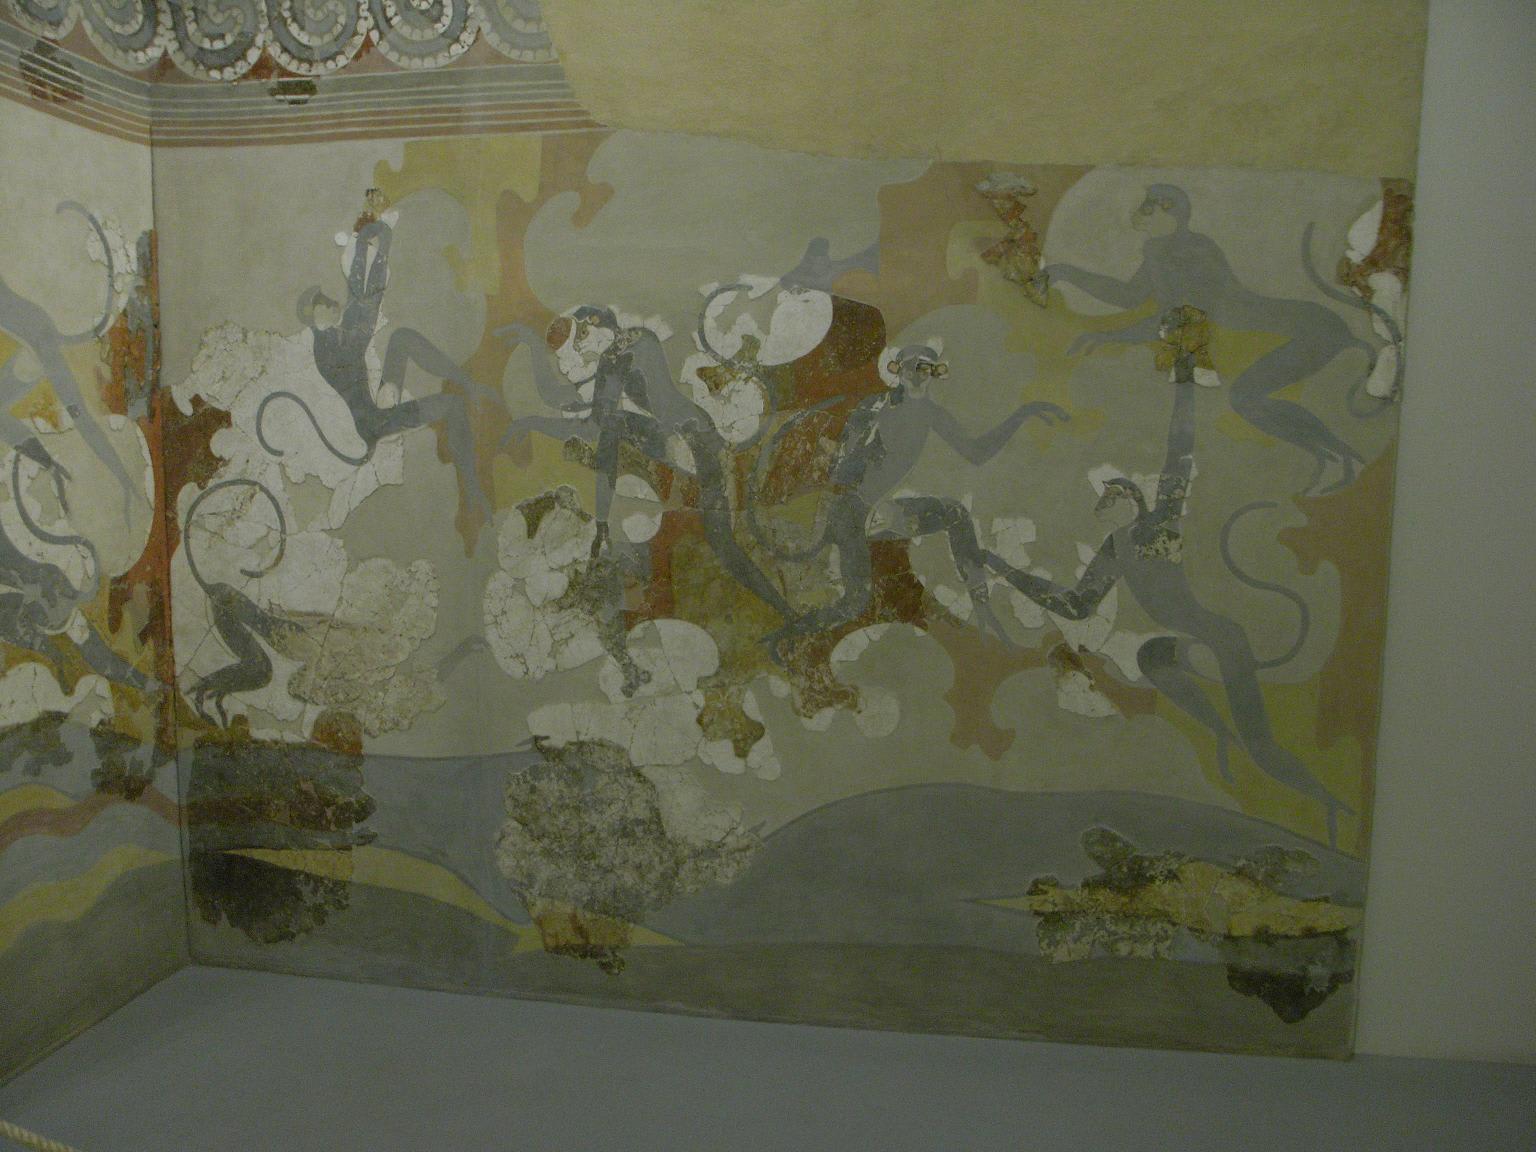 紀元前17世紀の壁画 - ウィトラ...